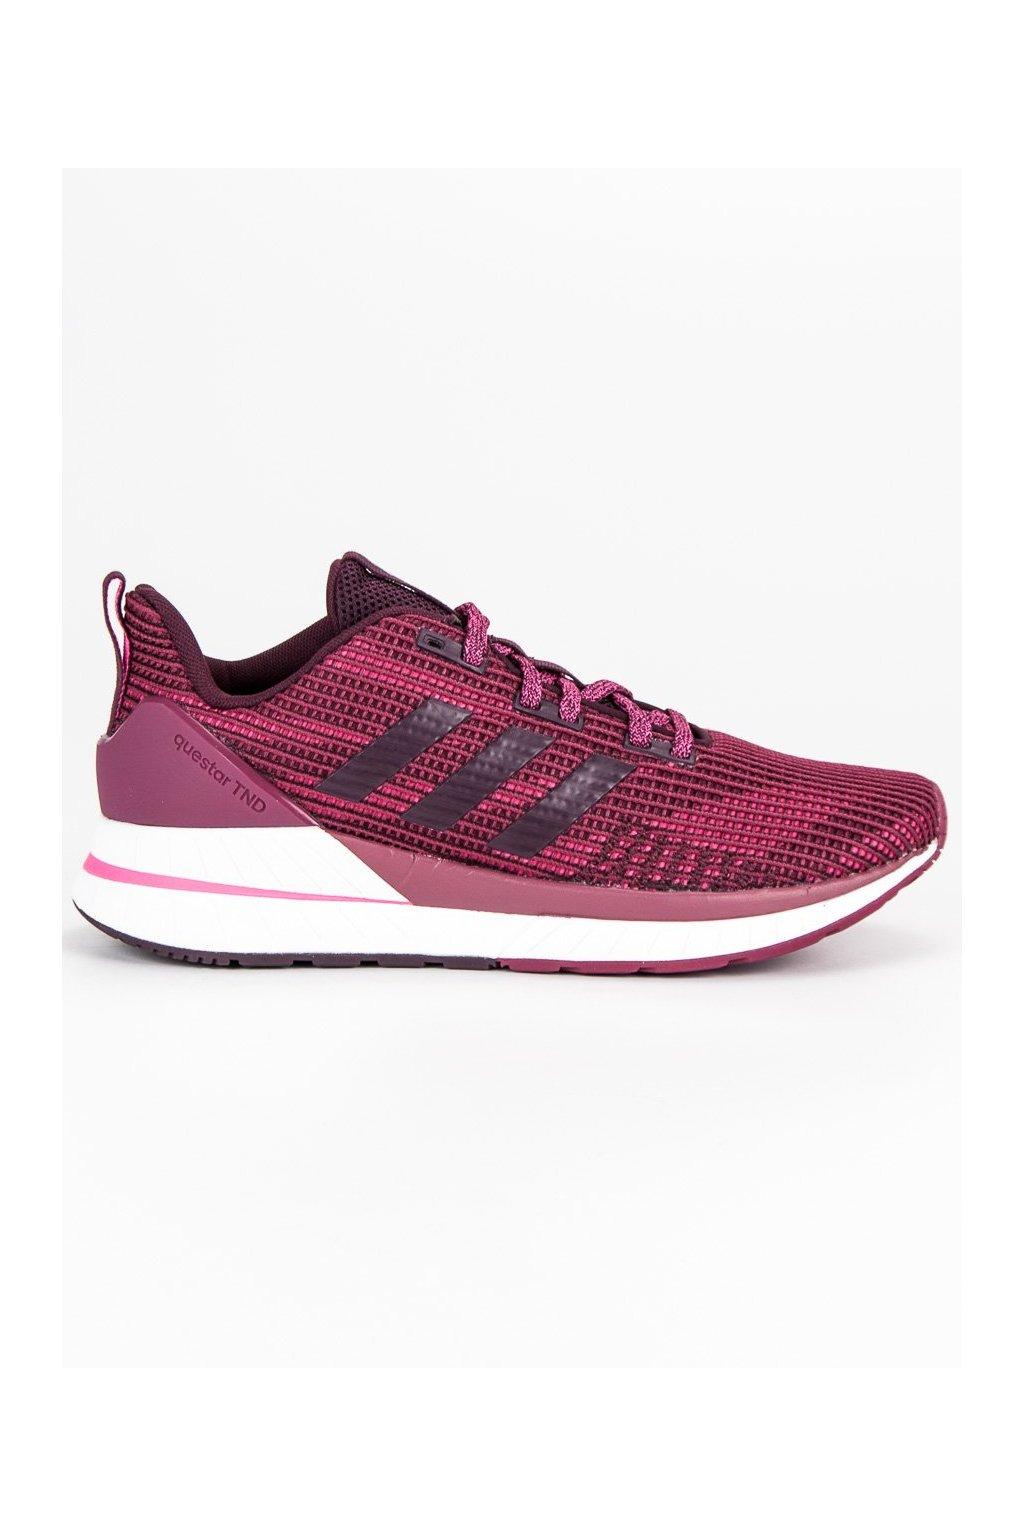 c945f3e018189 Ružové tenisky - Adidas BB7753 | NAJ.SK